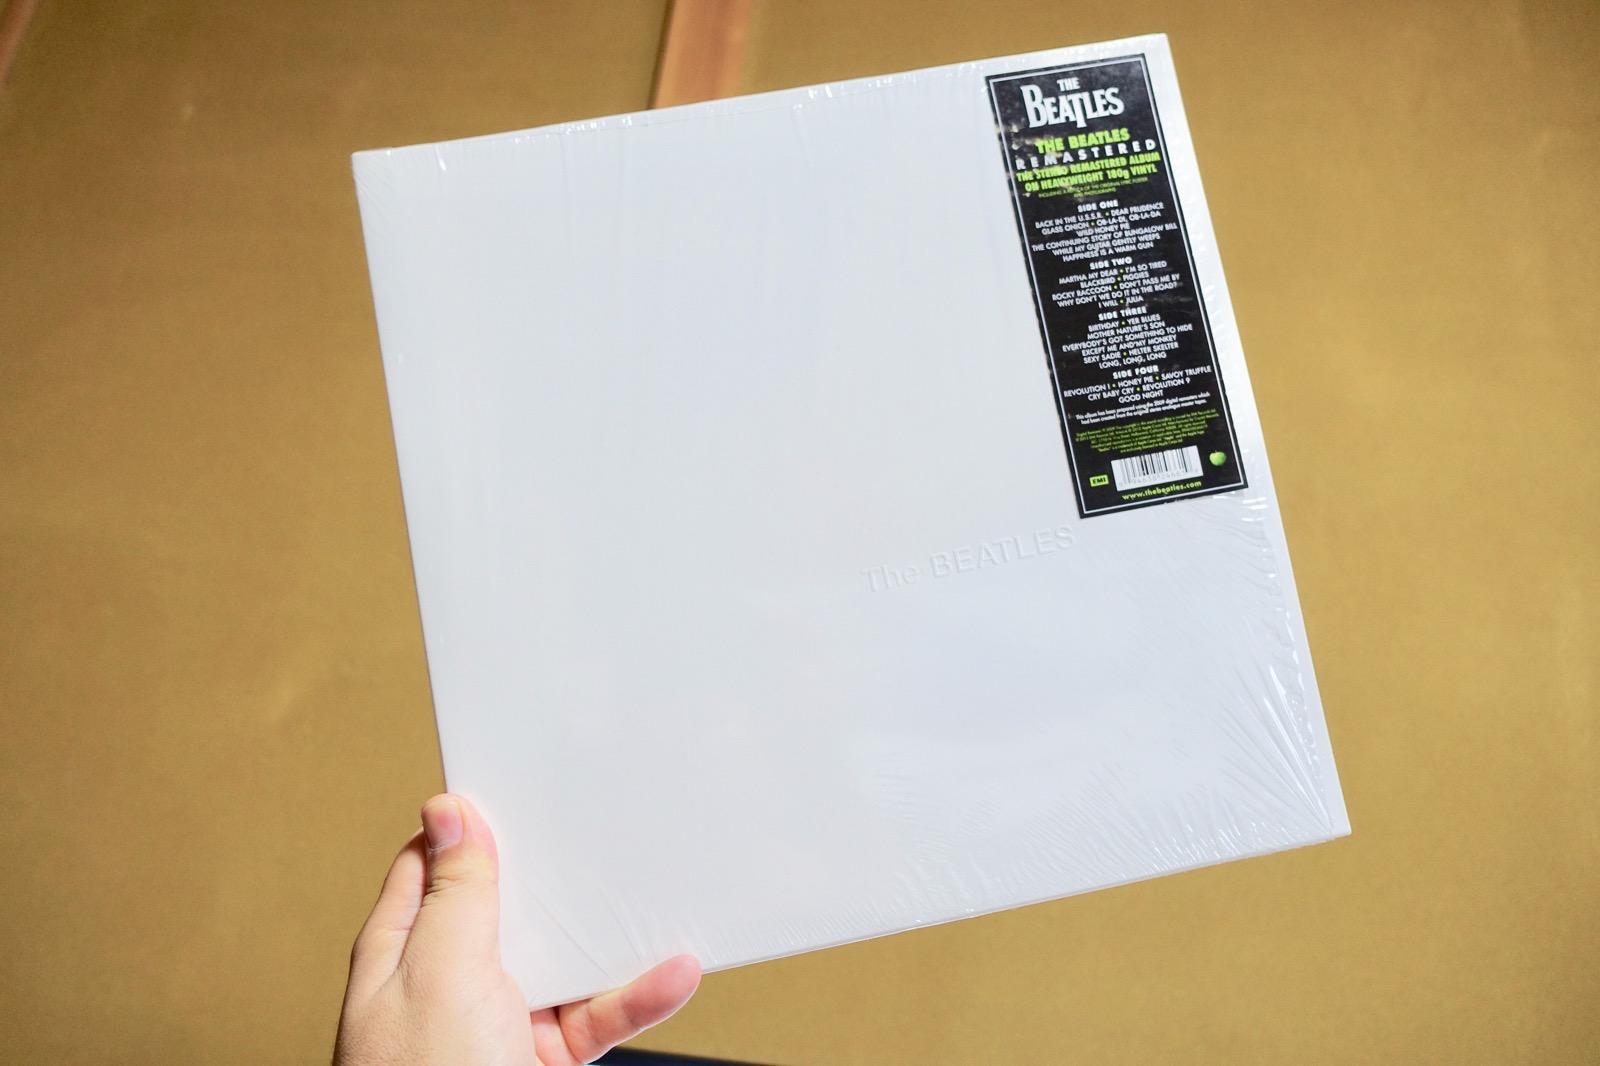 ビートルズのホワイトアルバム2009リマスター